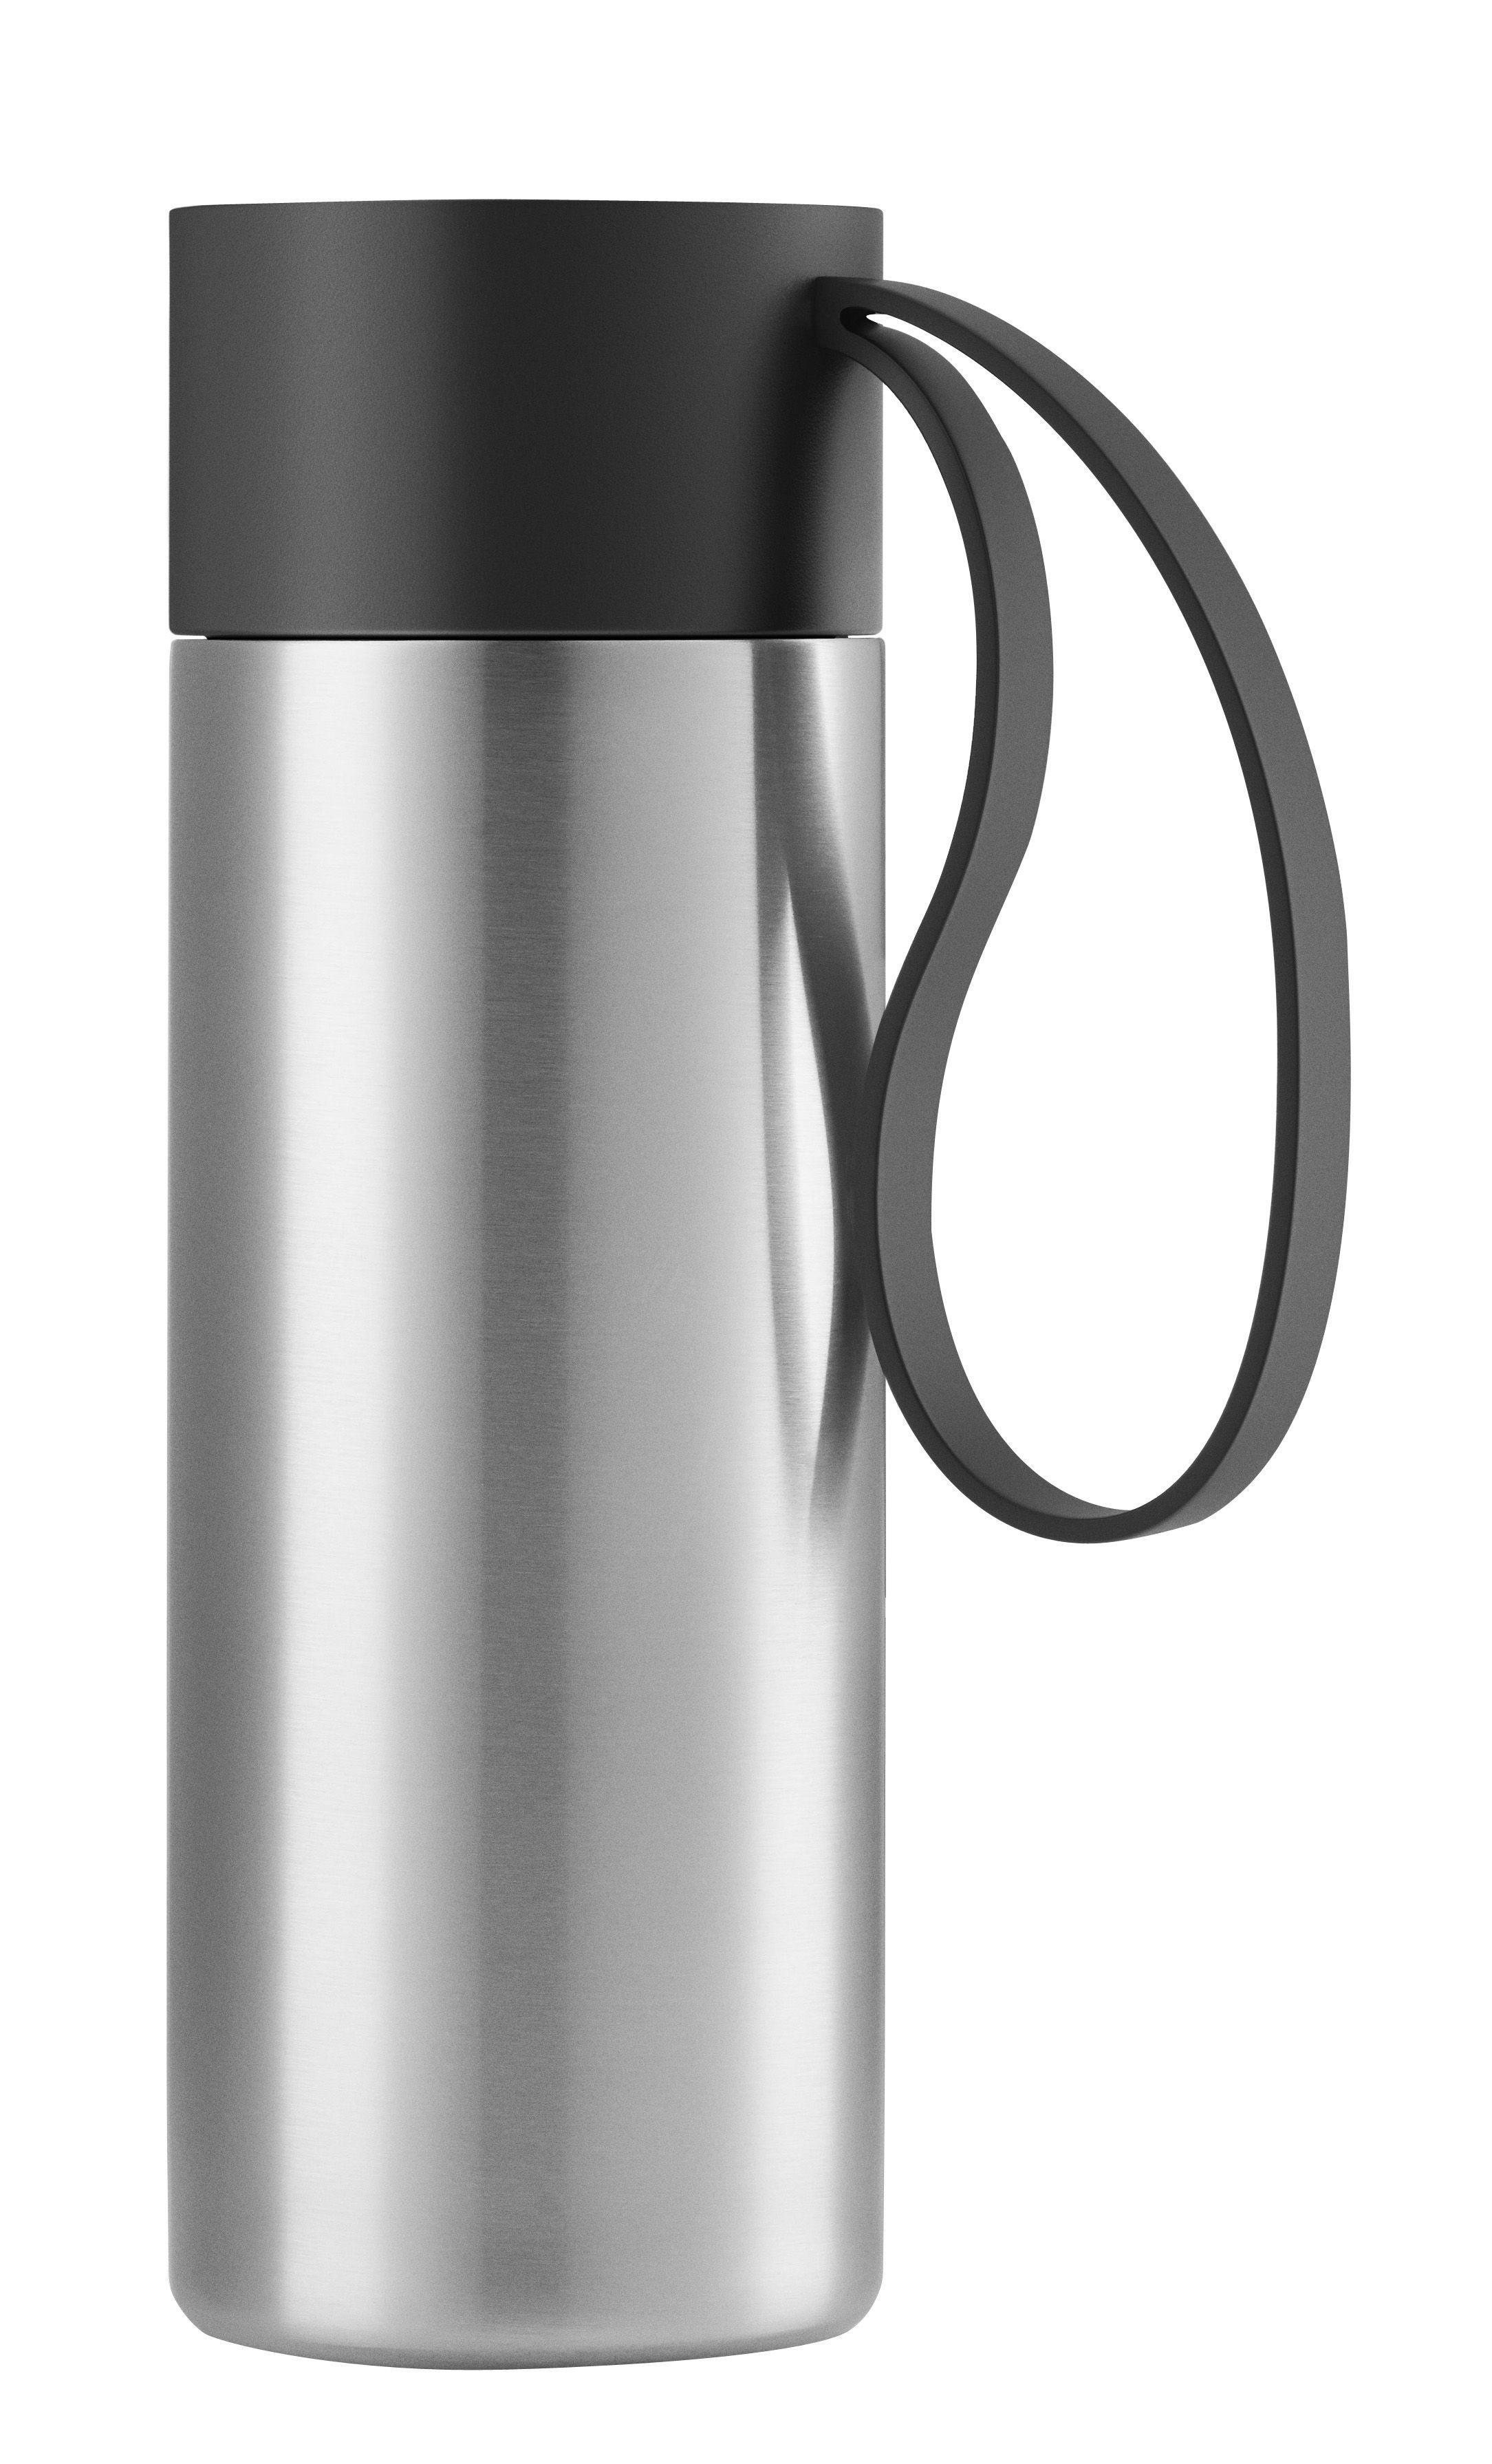 Arts de la table - Tasses et mugs - Mug isotherme To Go Cup / Avec couvercle - 0,35 L - Eva Solo - Noir - Acier inoxydable, Silicone